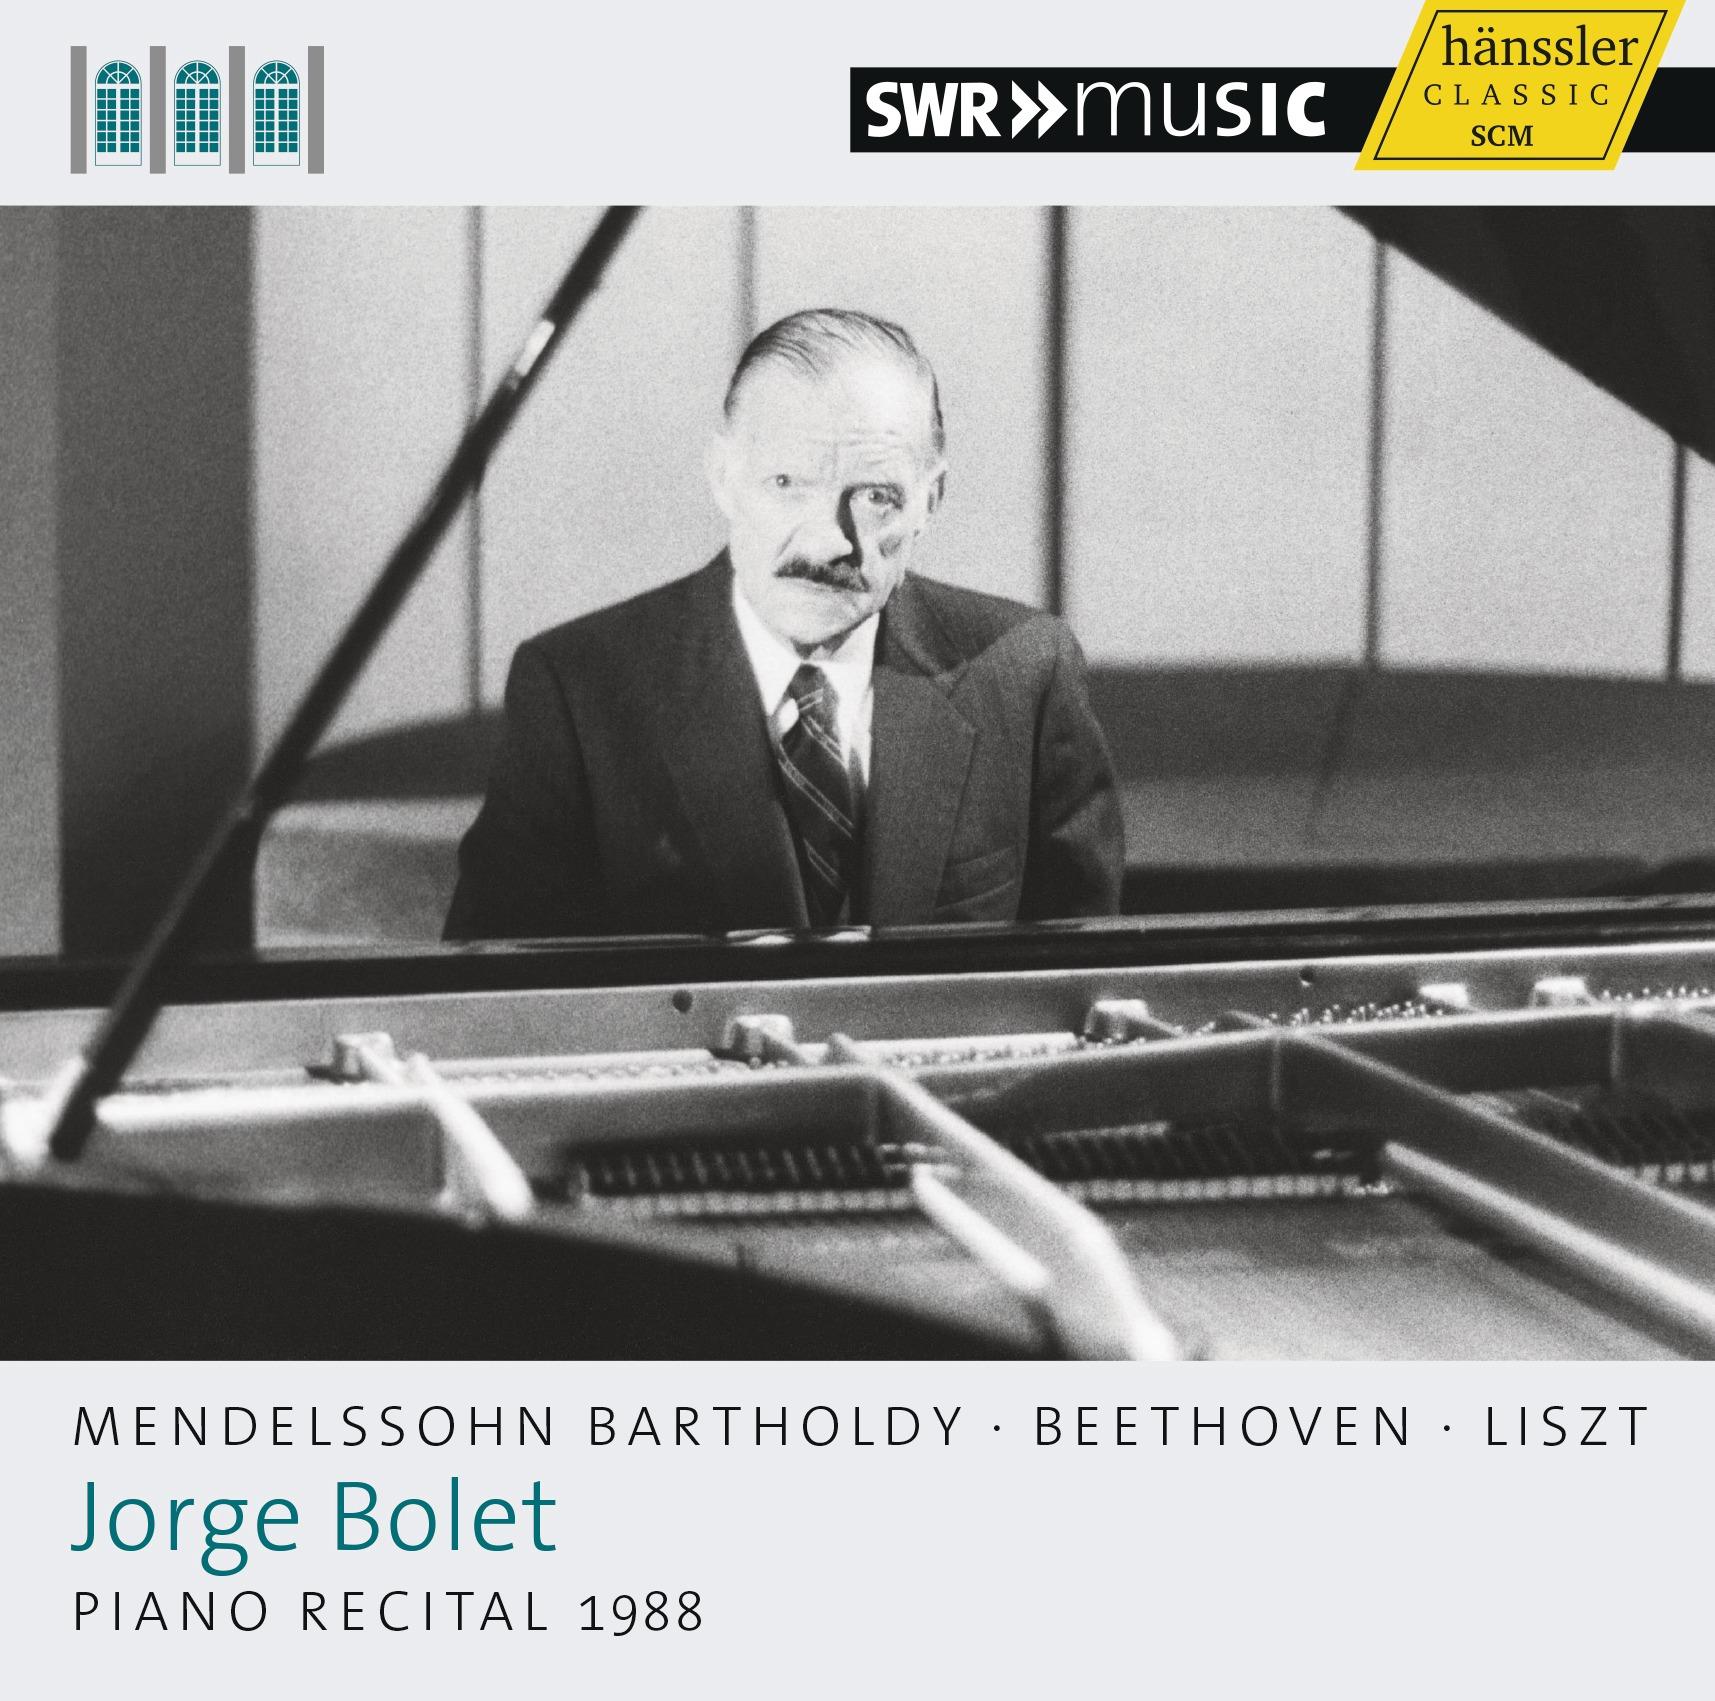 cover bolet recital 1988 hanssler